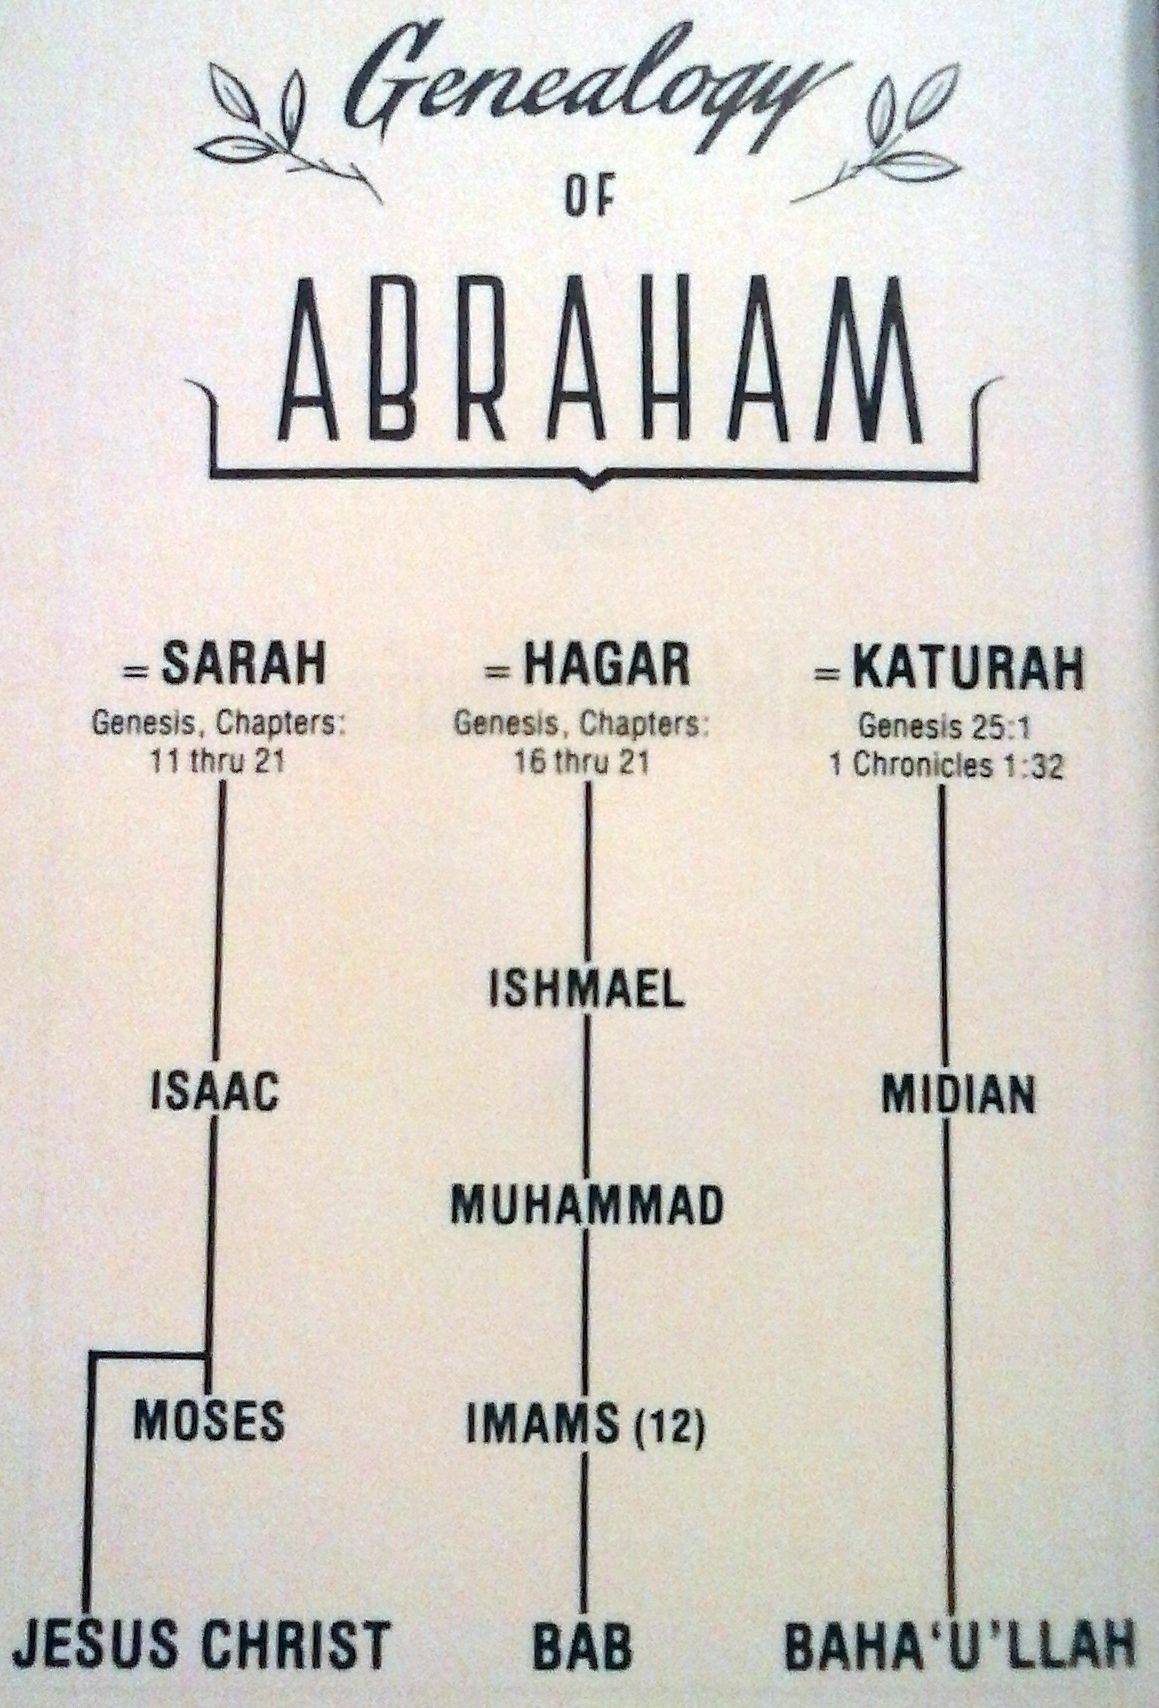 moses vs abraham Abraham issac ishmael torah 4 bc 1500 bc 525 bc hinduism buddhism  islam christianity 610 ad quran bible moses jesus christ muhammad.